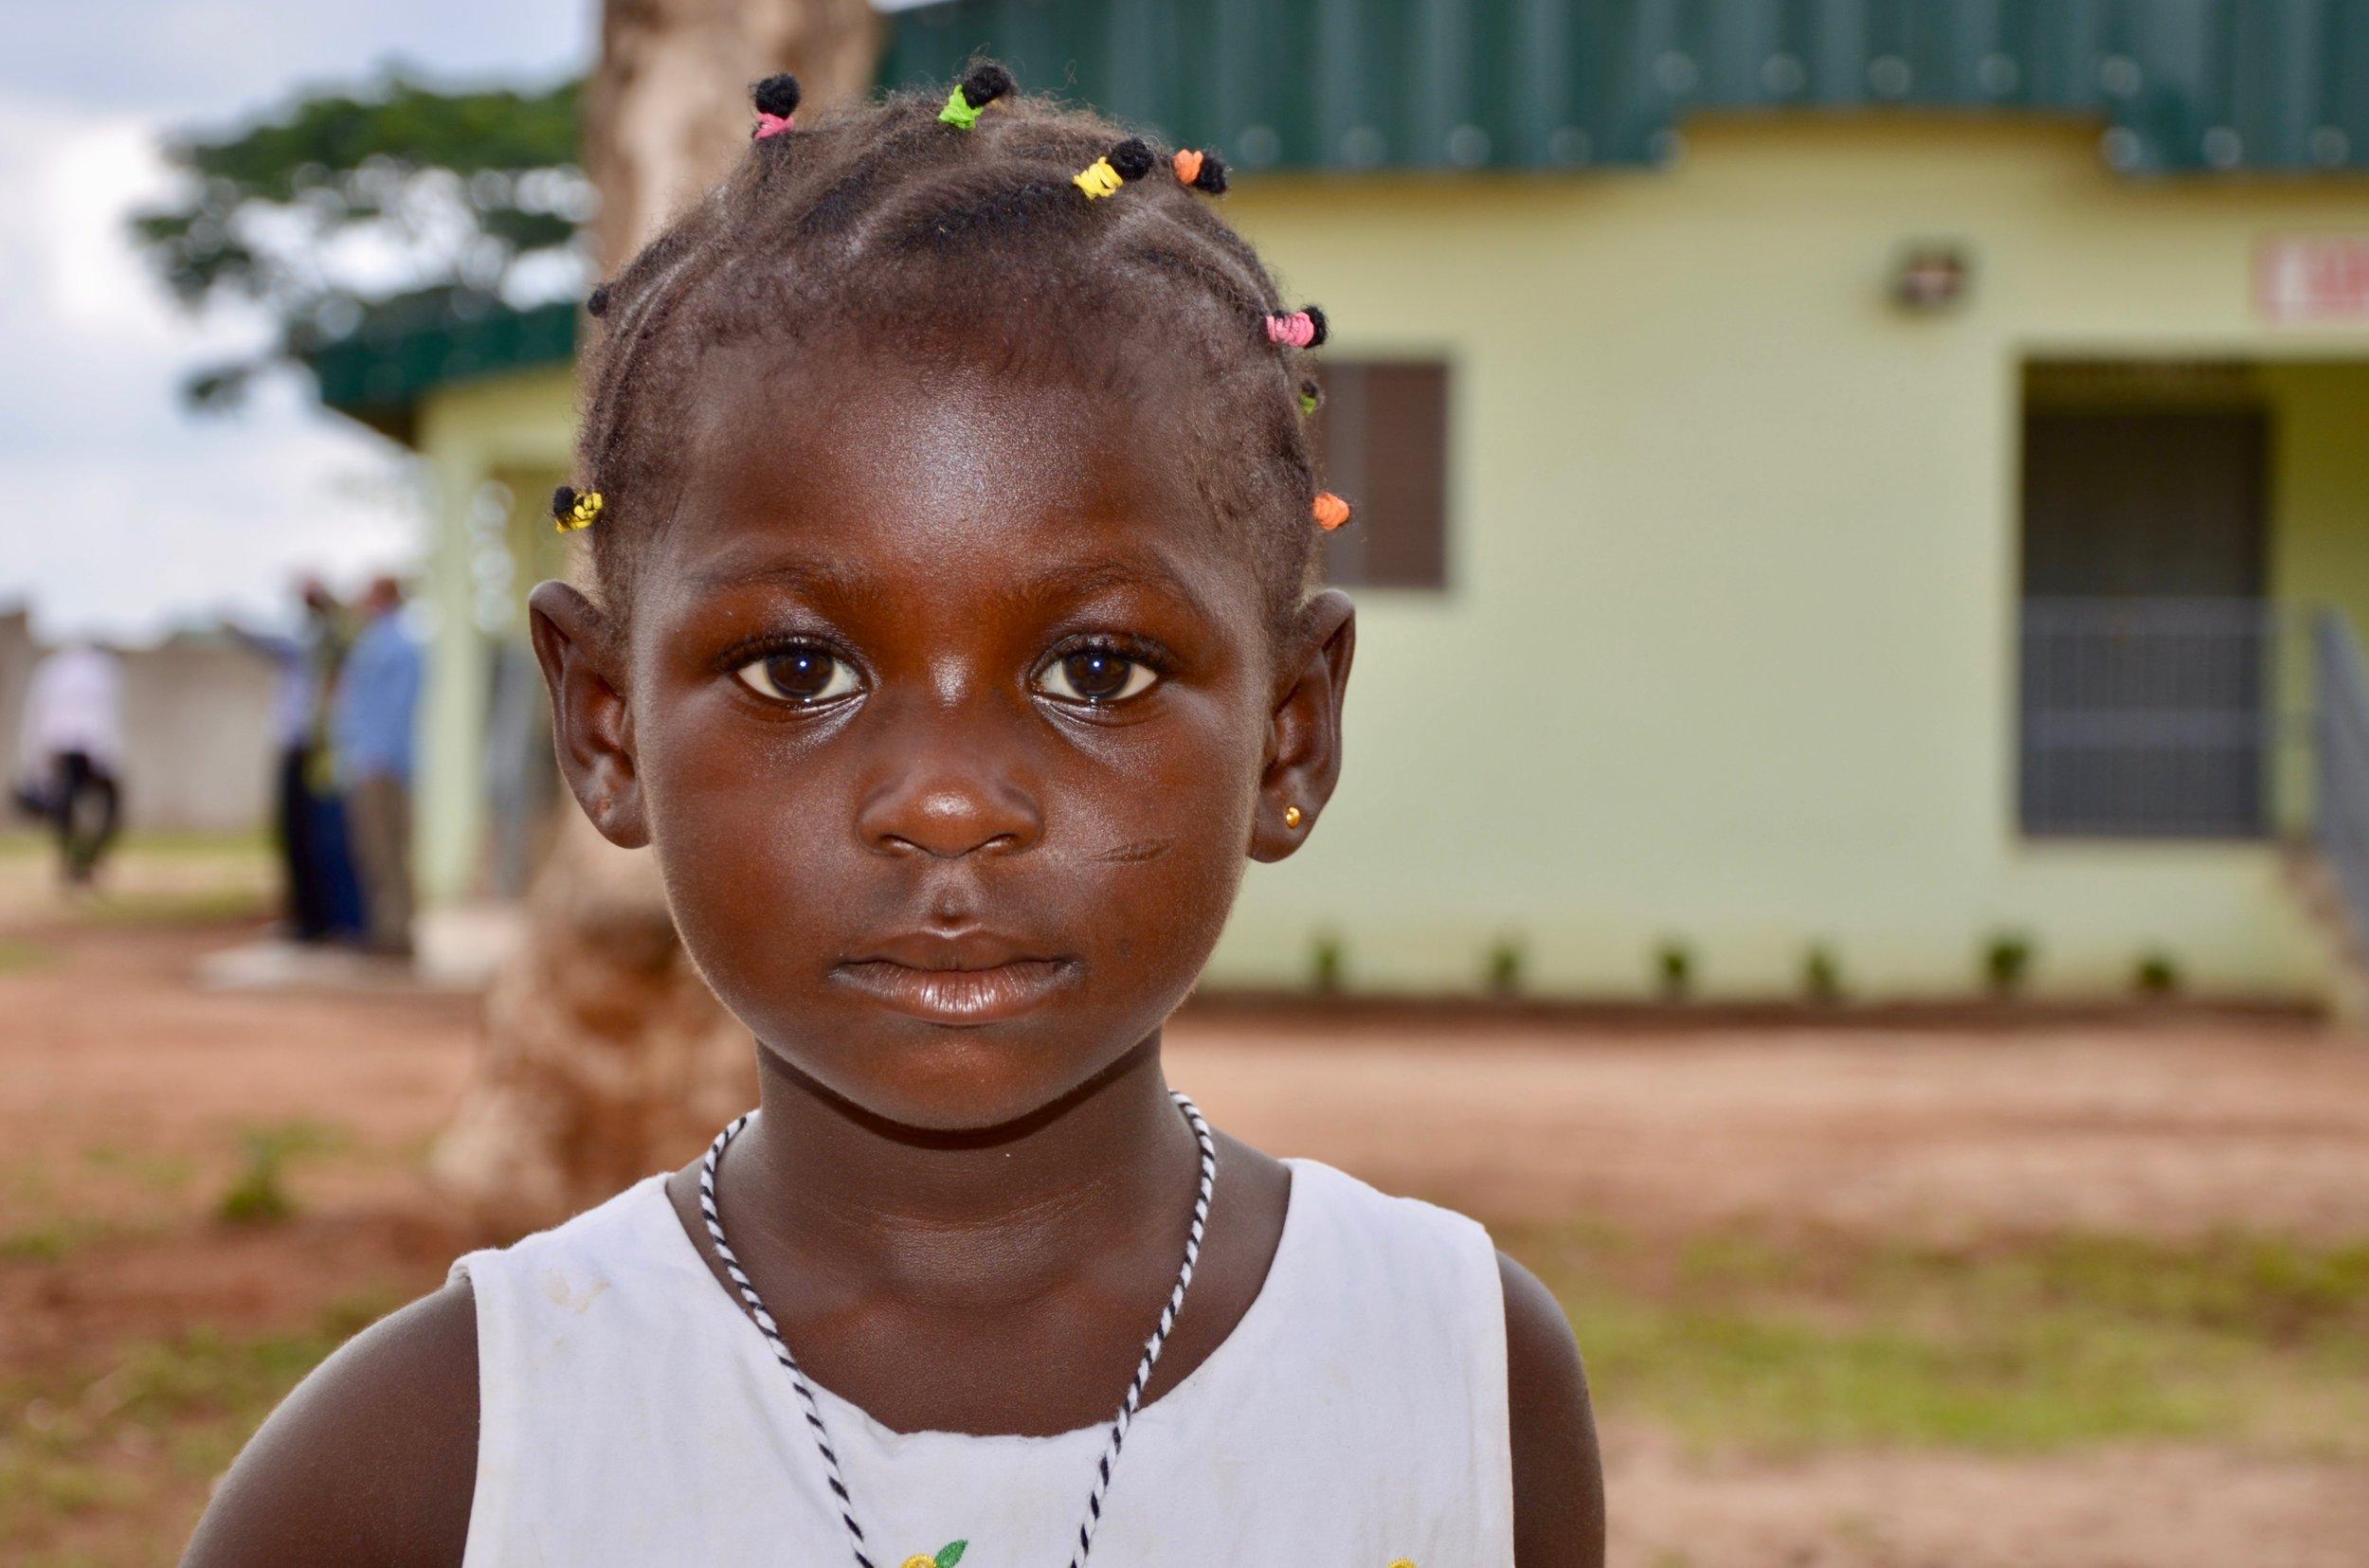 A Cote d'Ivoire child.